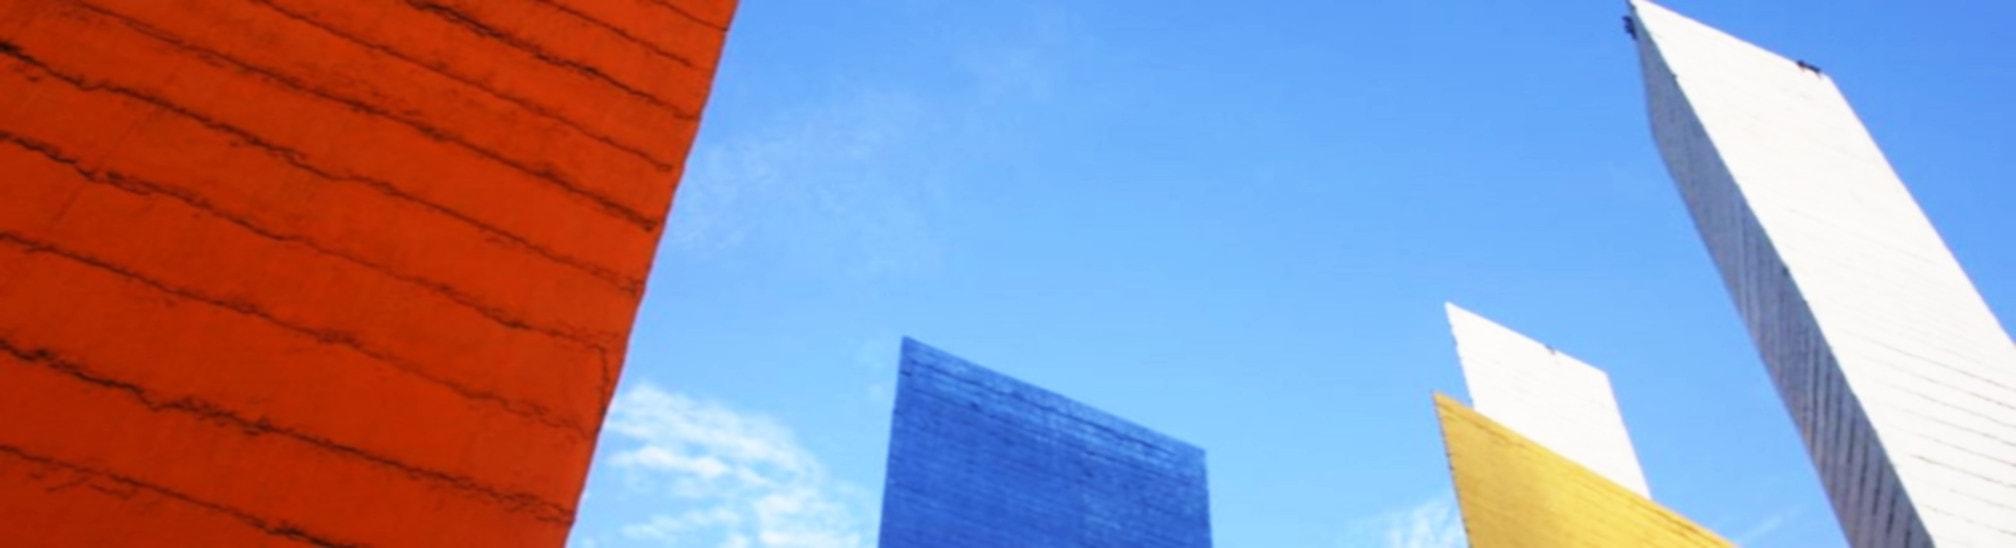 ejemplos de arquitectura minimalista